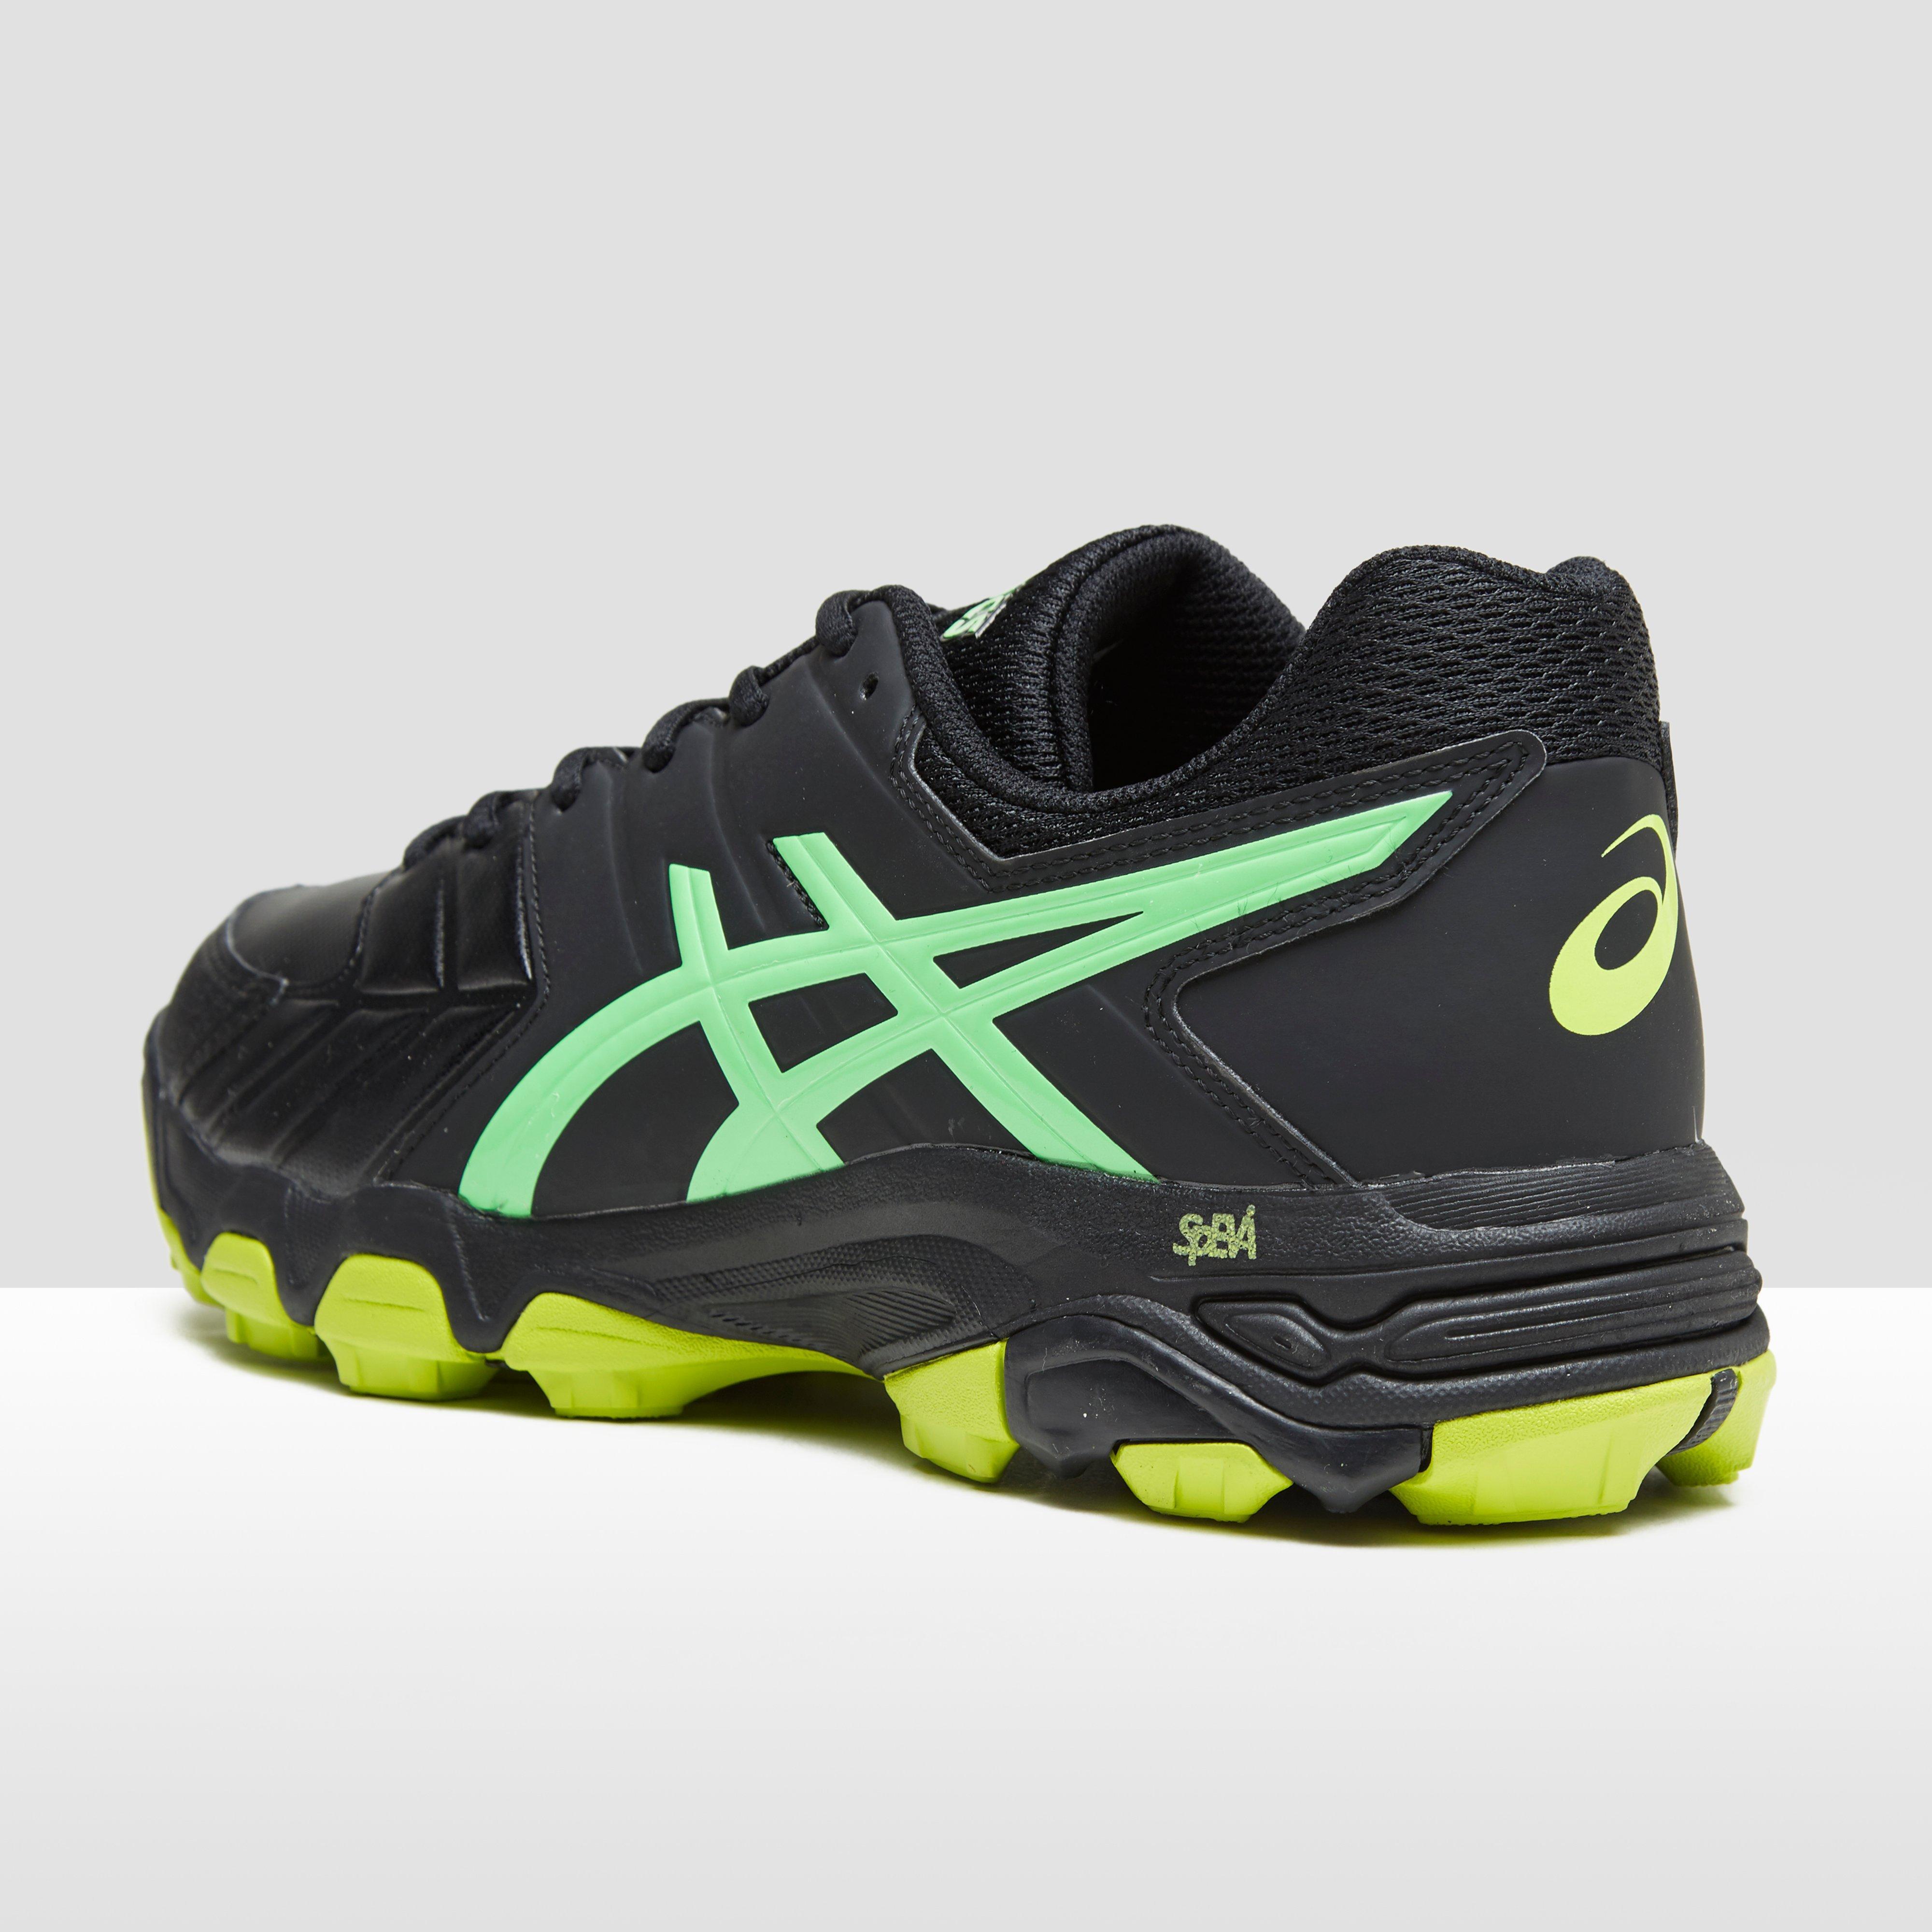 Asics Gel Noir Blackheath 6 Chaussures Pour Les Hommes Ccno9M6Z